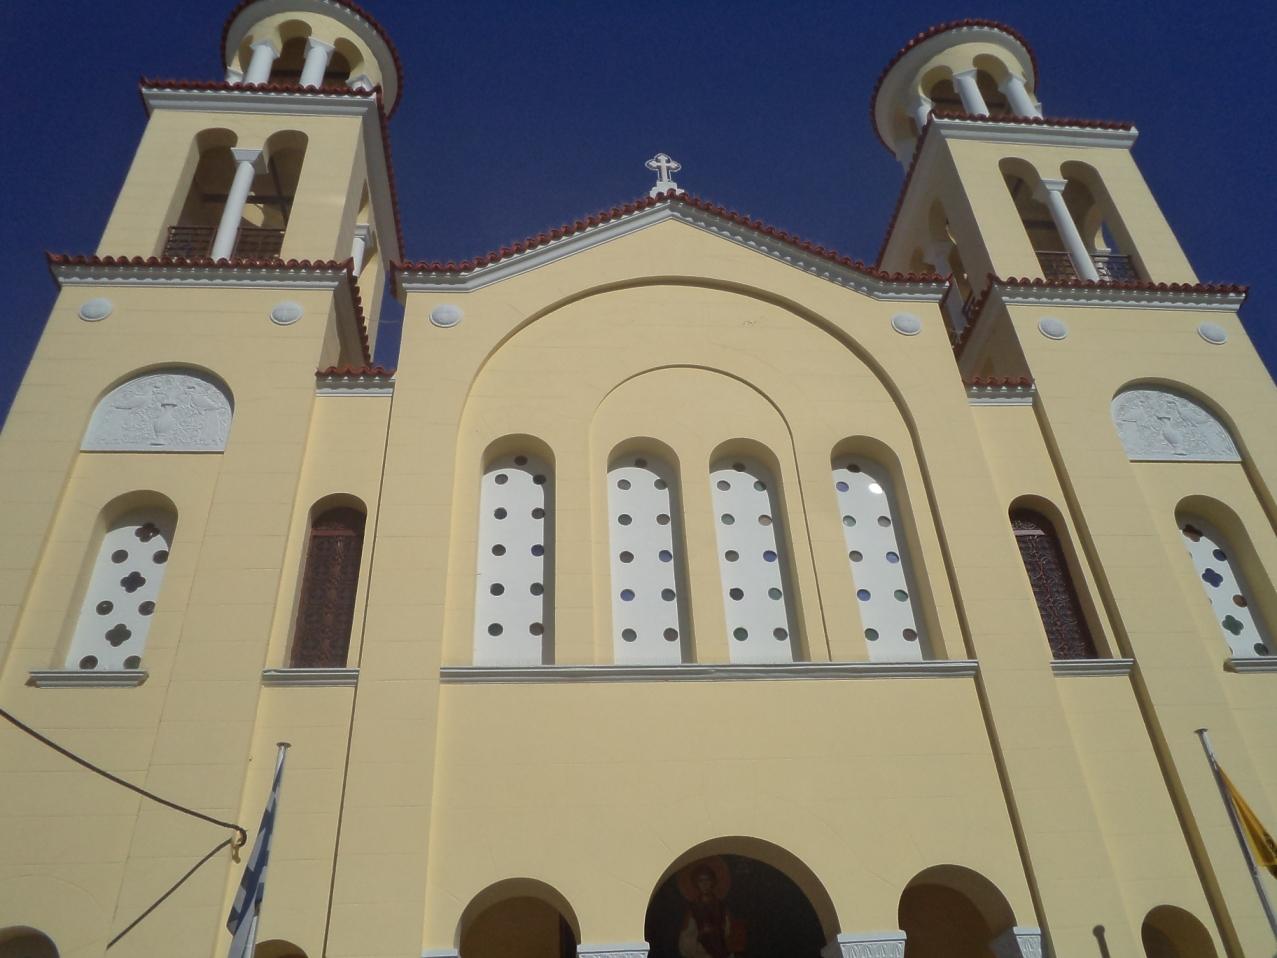 Ιερός Ναός Αγίου Παντελεήμονος